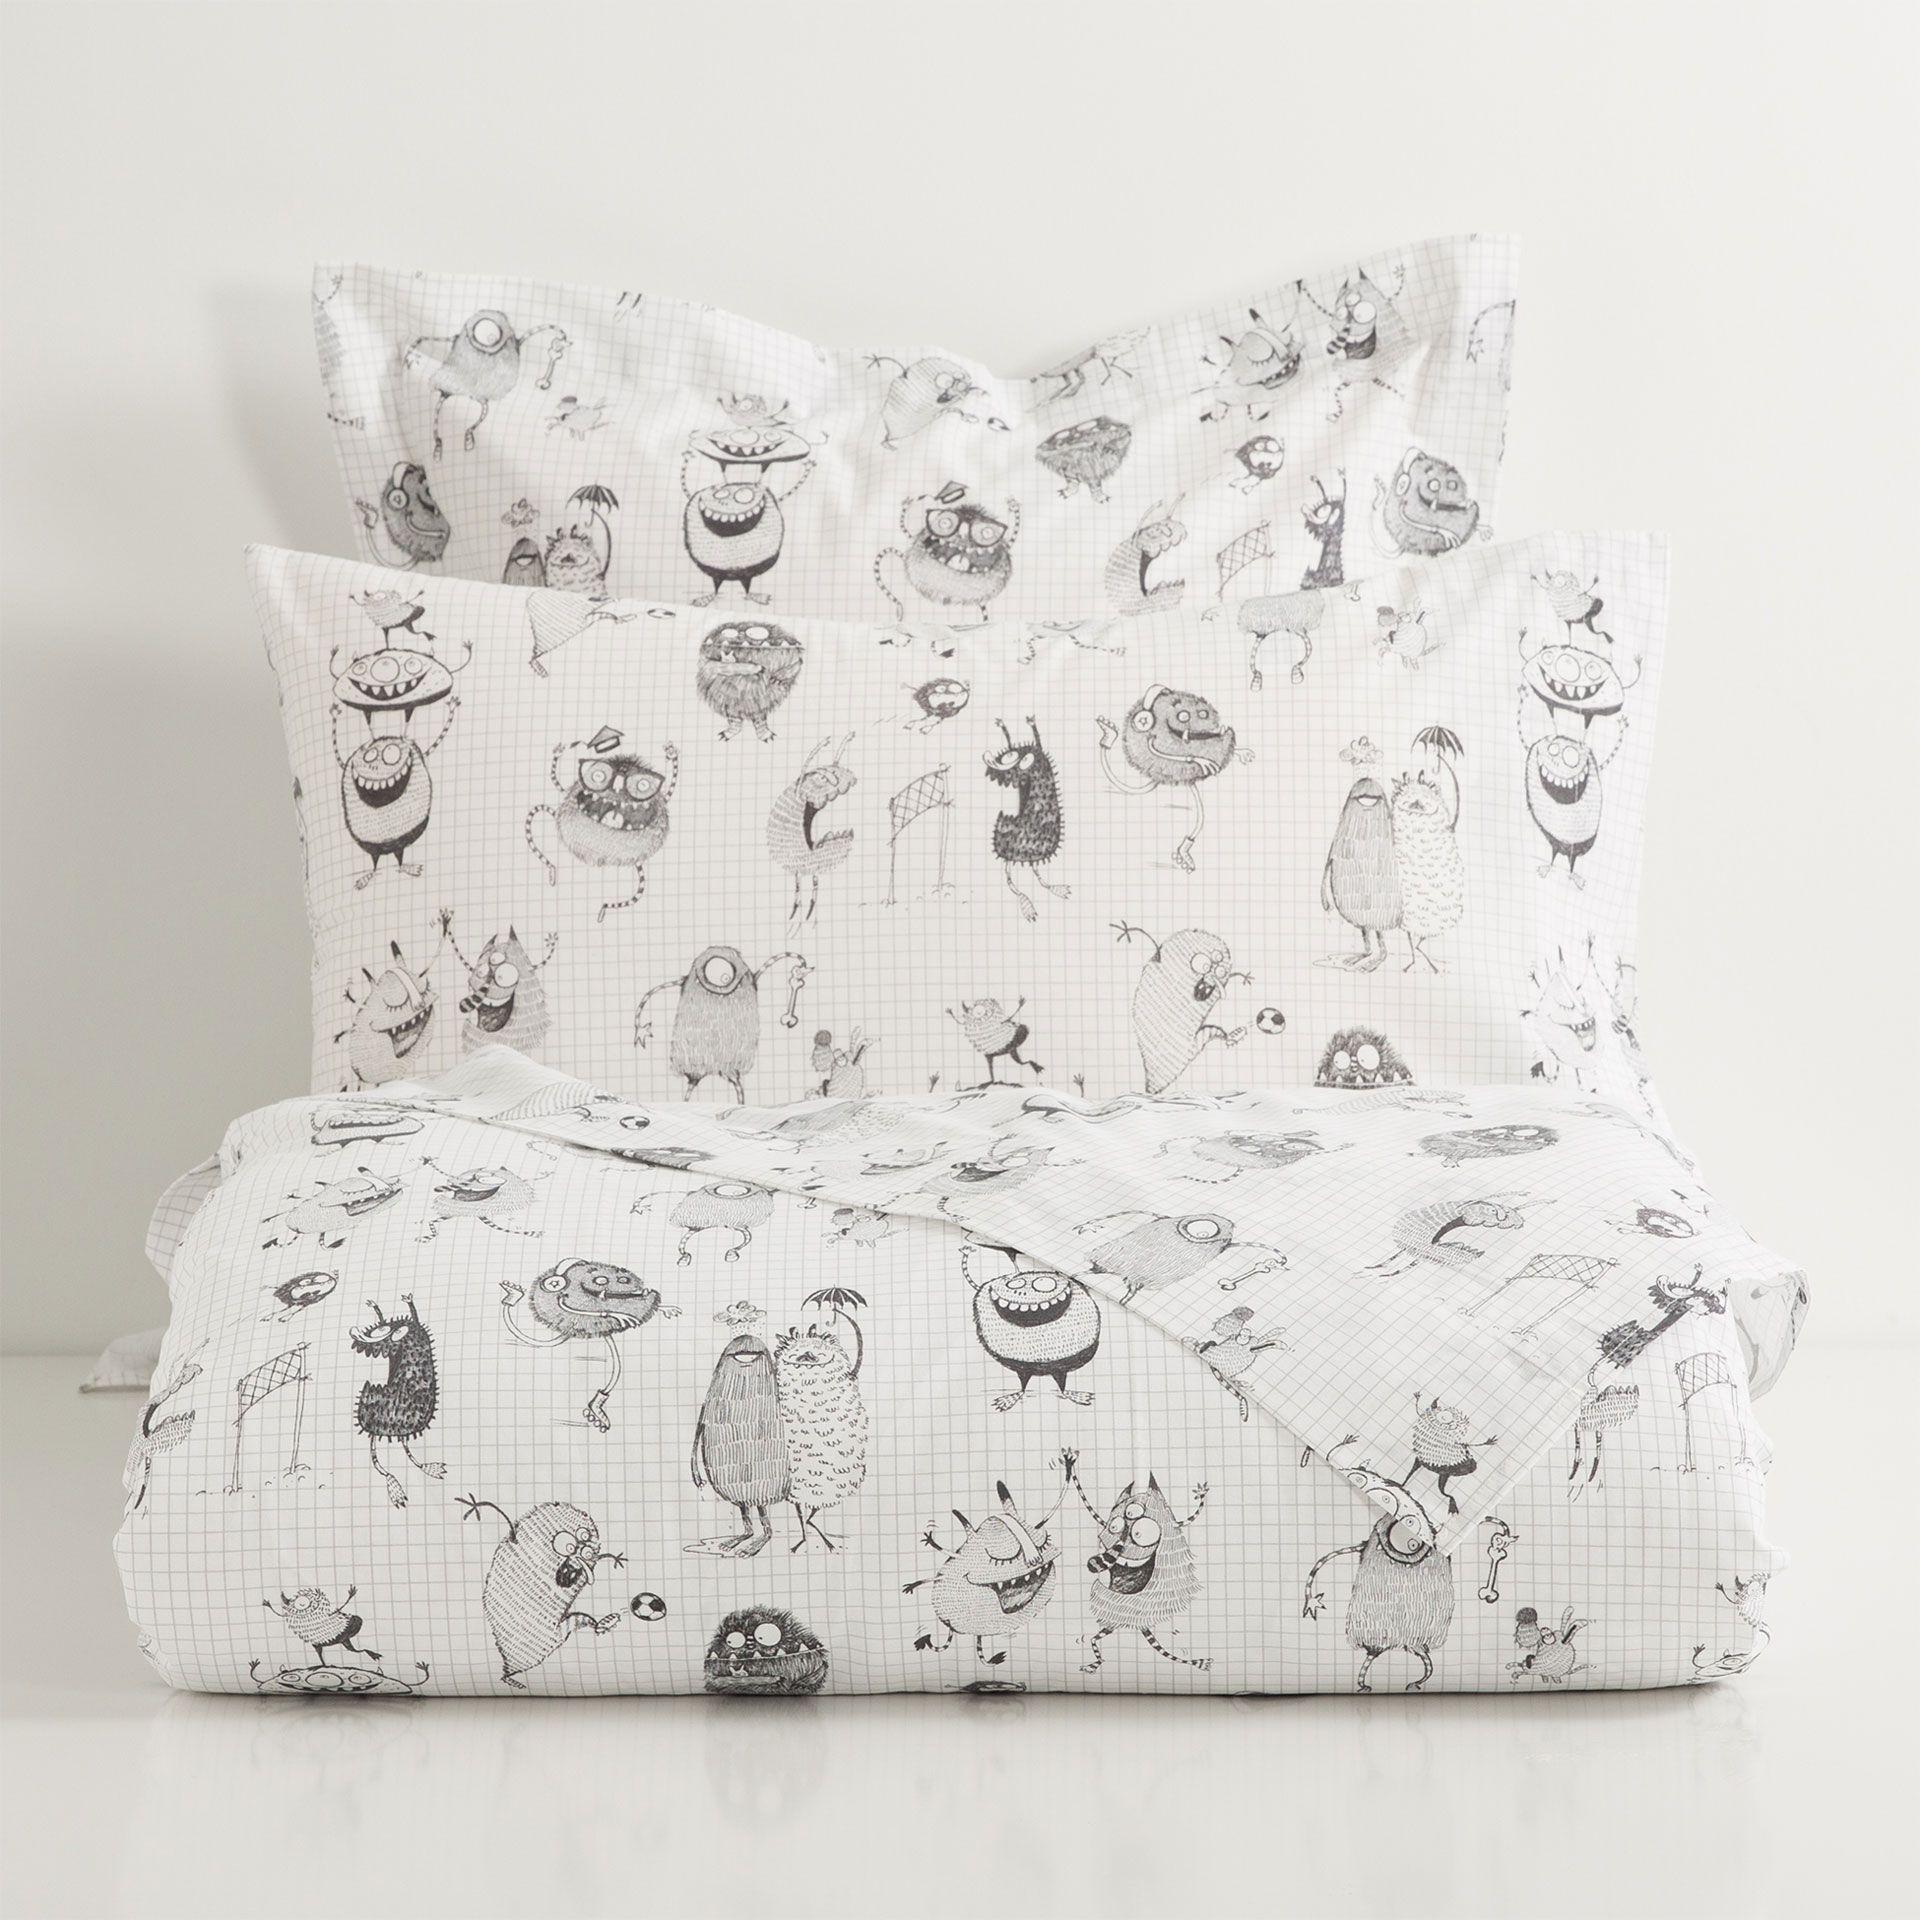 lakens en slopen met grijze monsters - lakens en hoezen - bed, Hause ideen